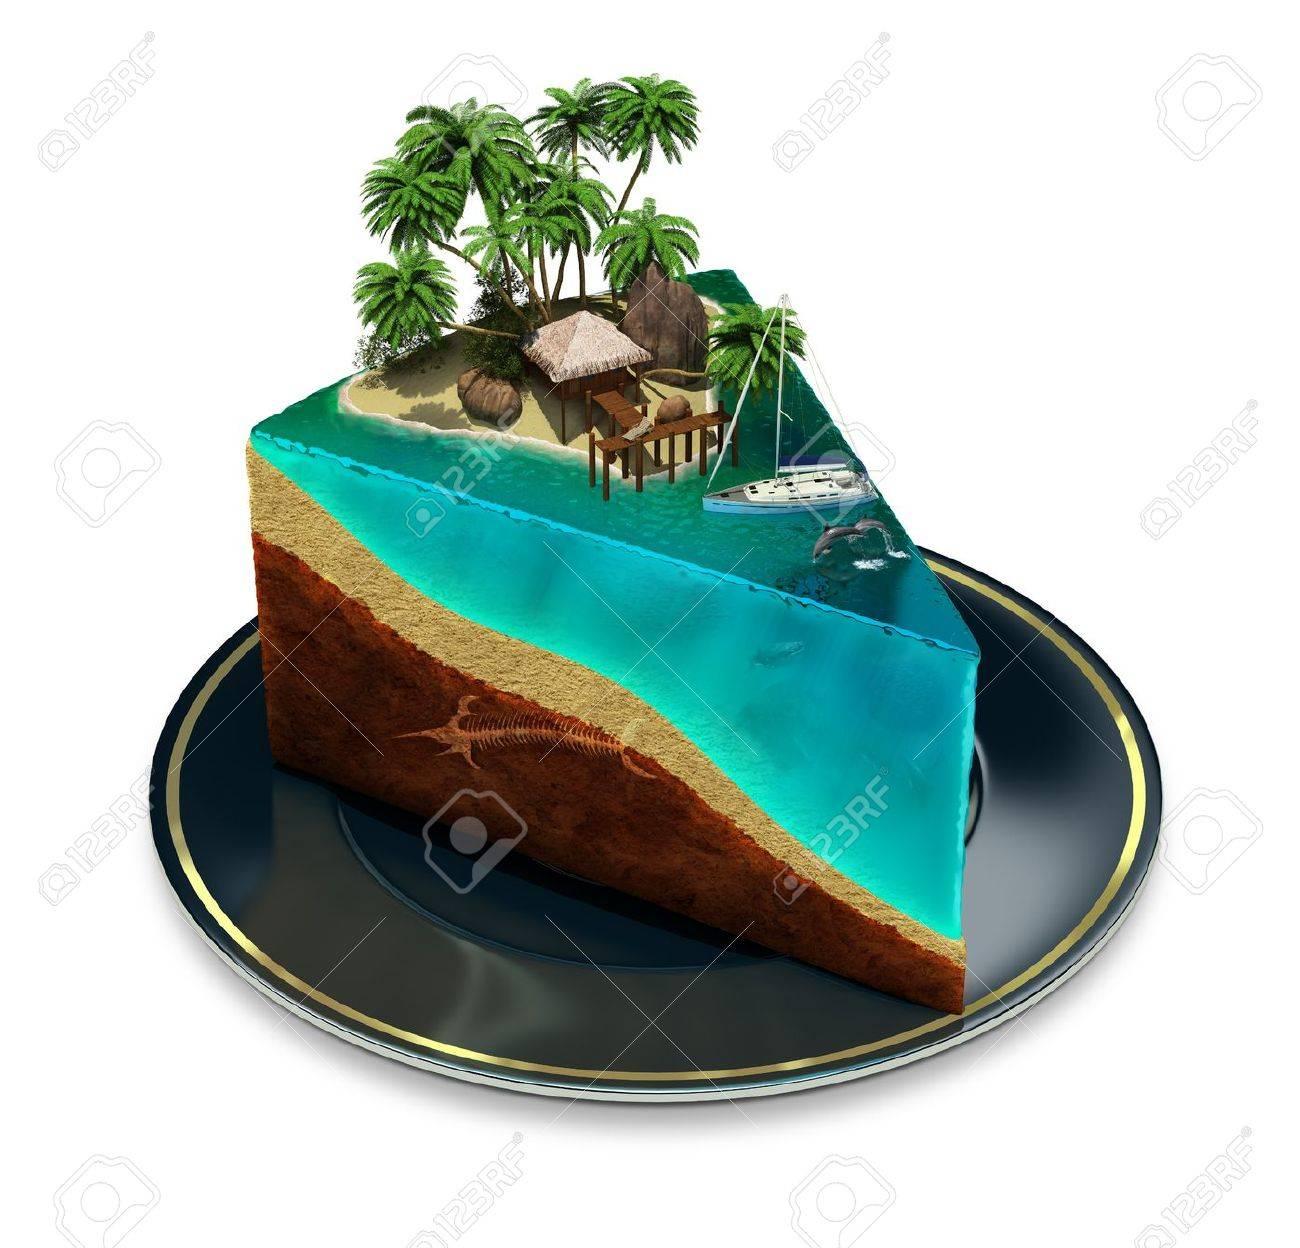 Standard Bild   Stück Kuchen Auf Einem Teller Mit Einer Tropischen Insel  Top 3D Bild Isoliert Weißem Hintergrund